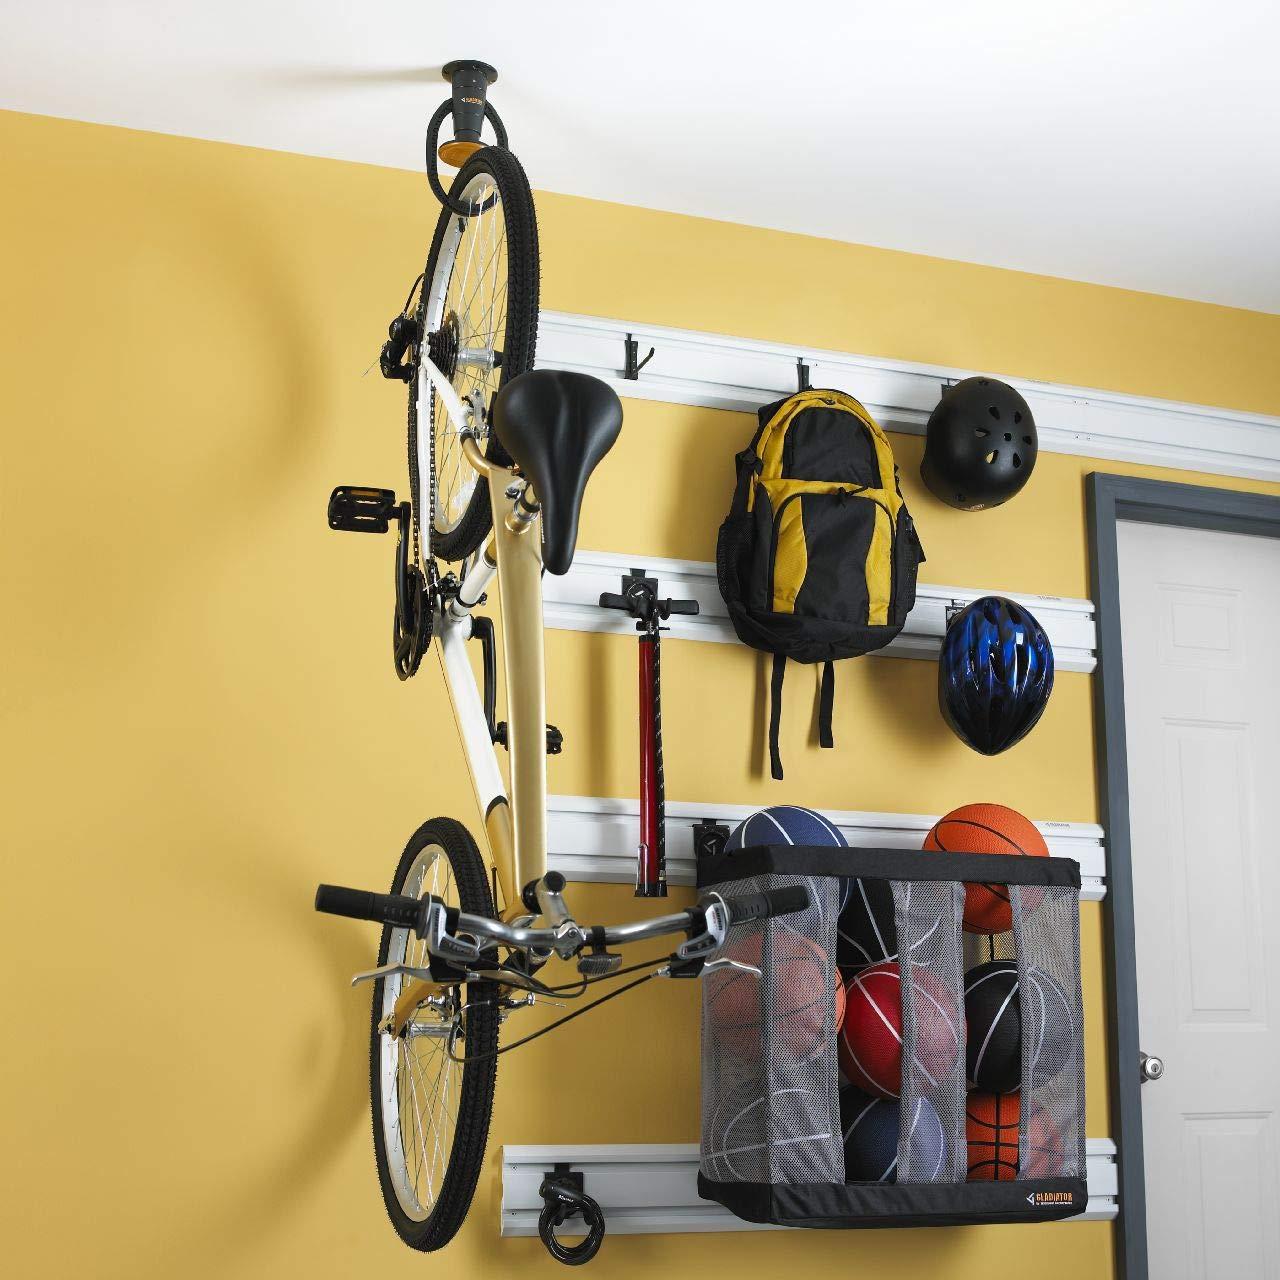 Plastic Gladiator GarageWorks GACEXXCPVK Claw Advanced Bike Storage v2.0